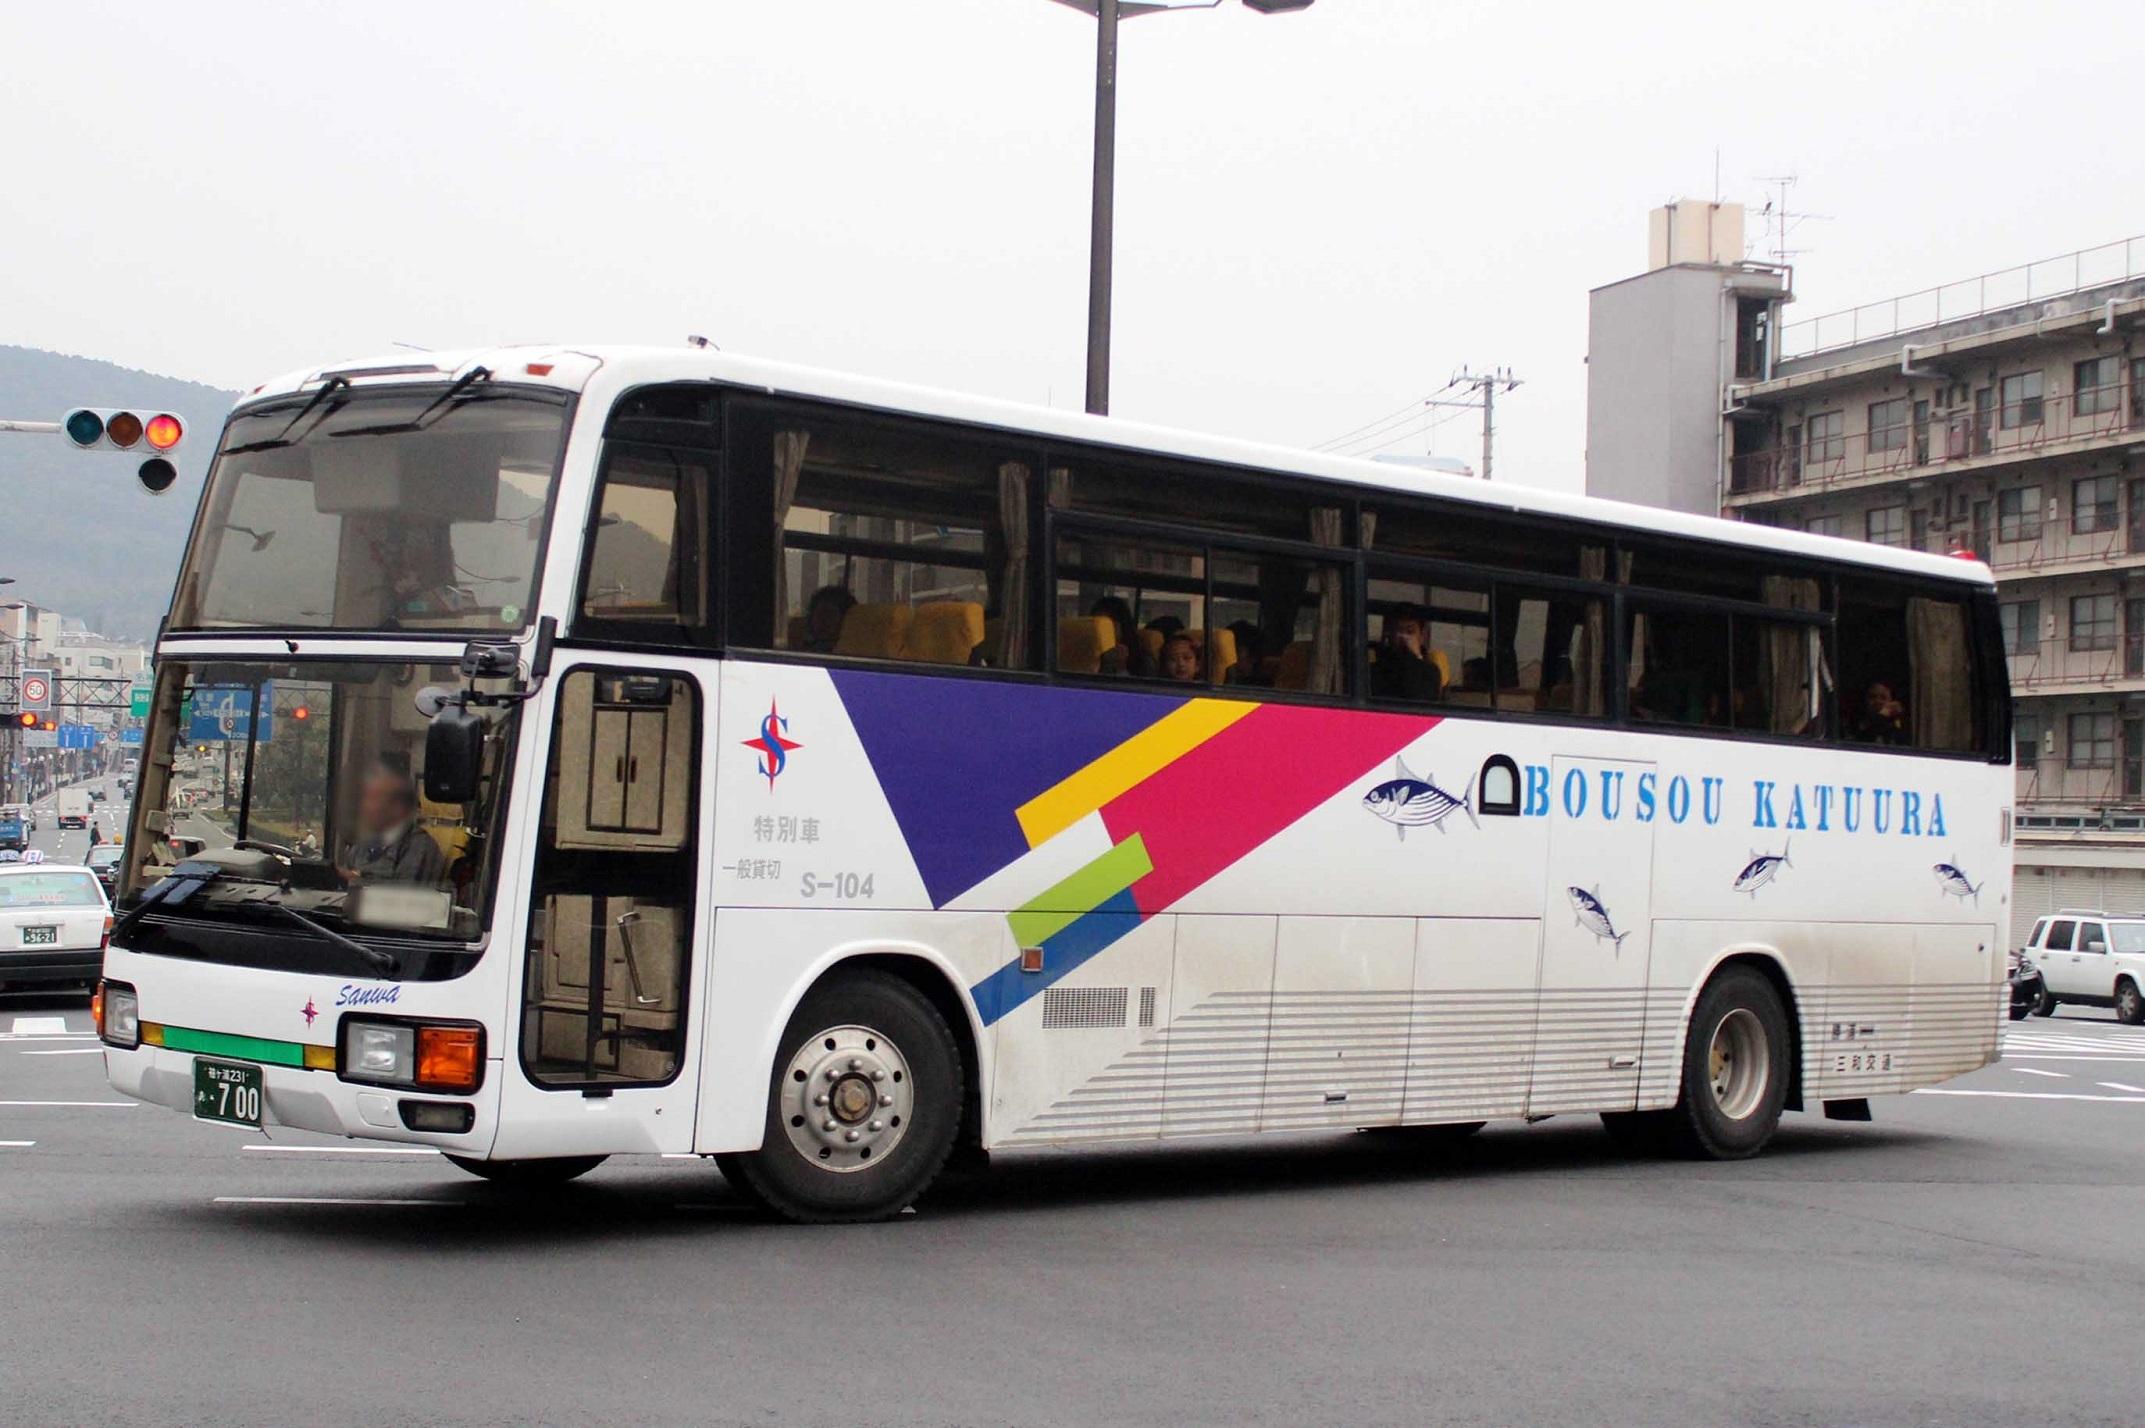 三和交通 S-104